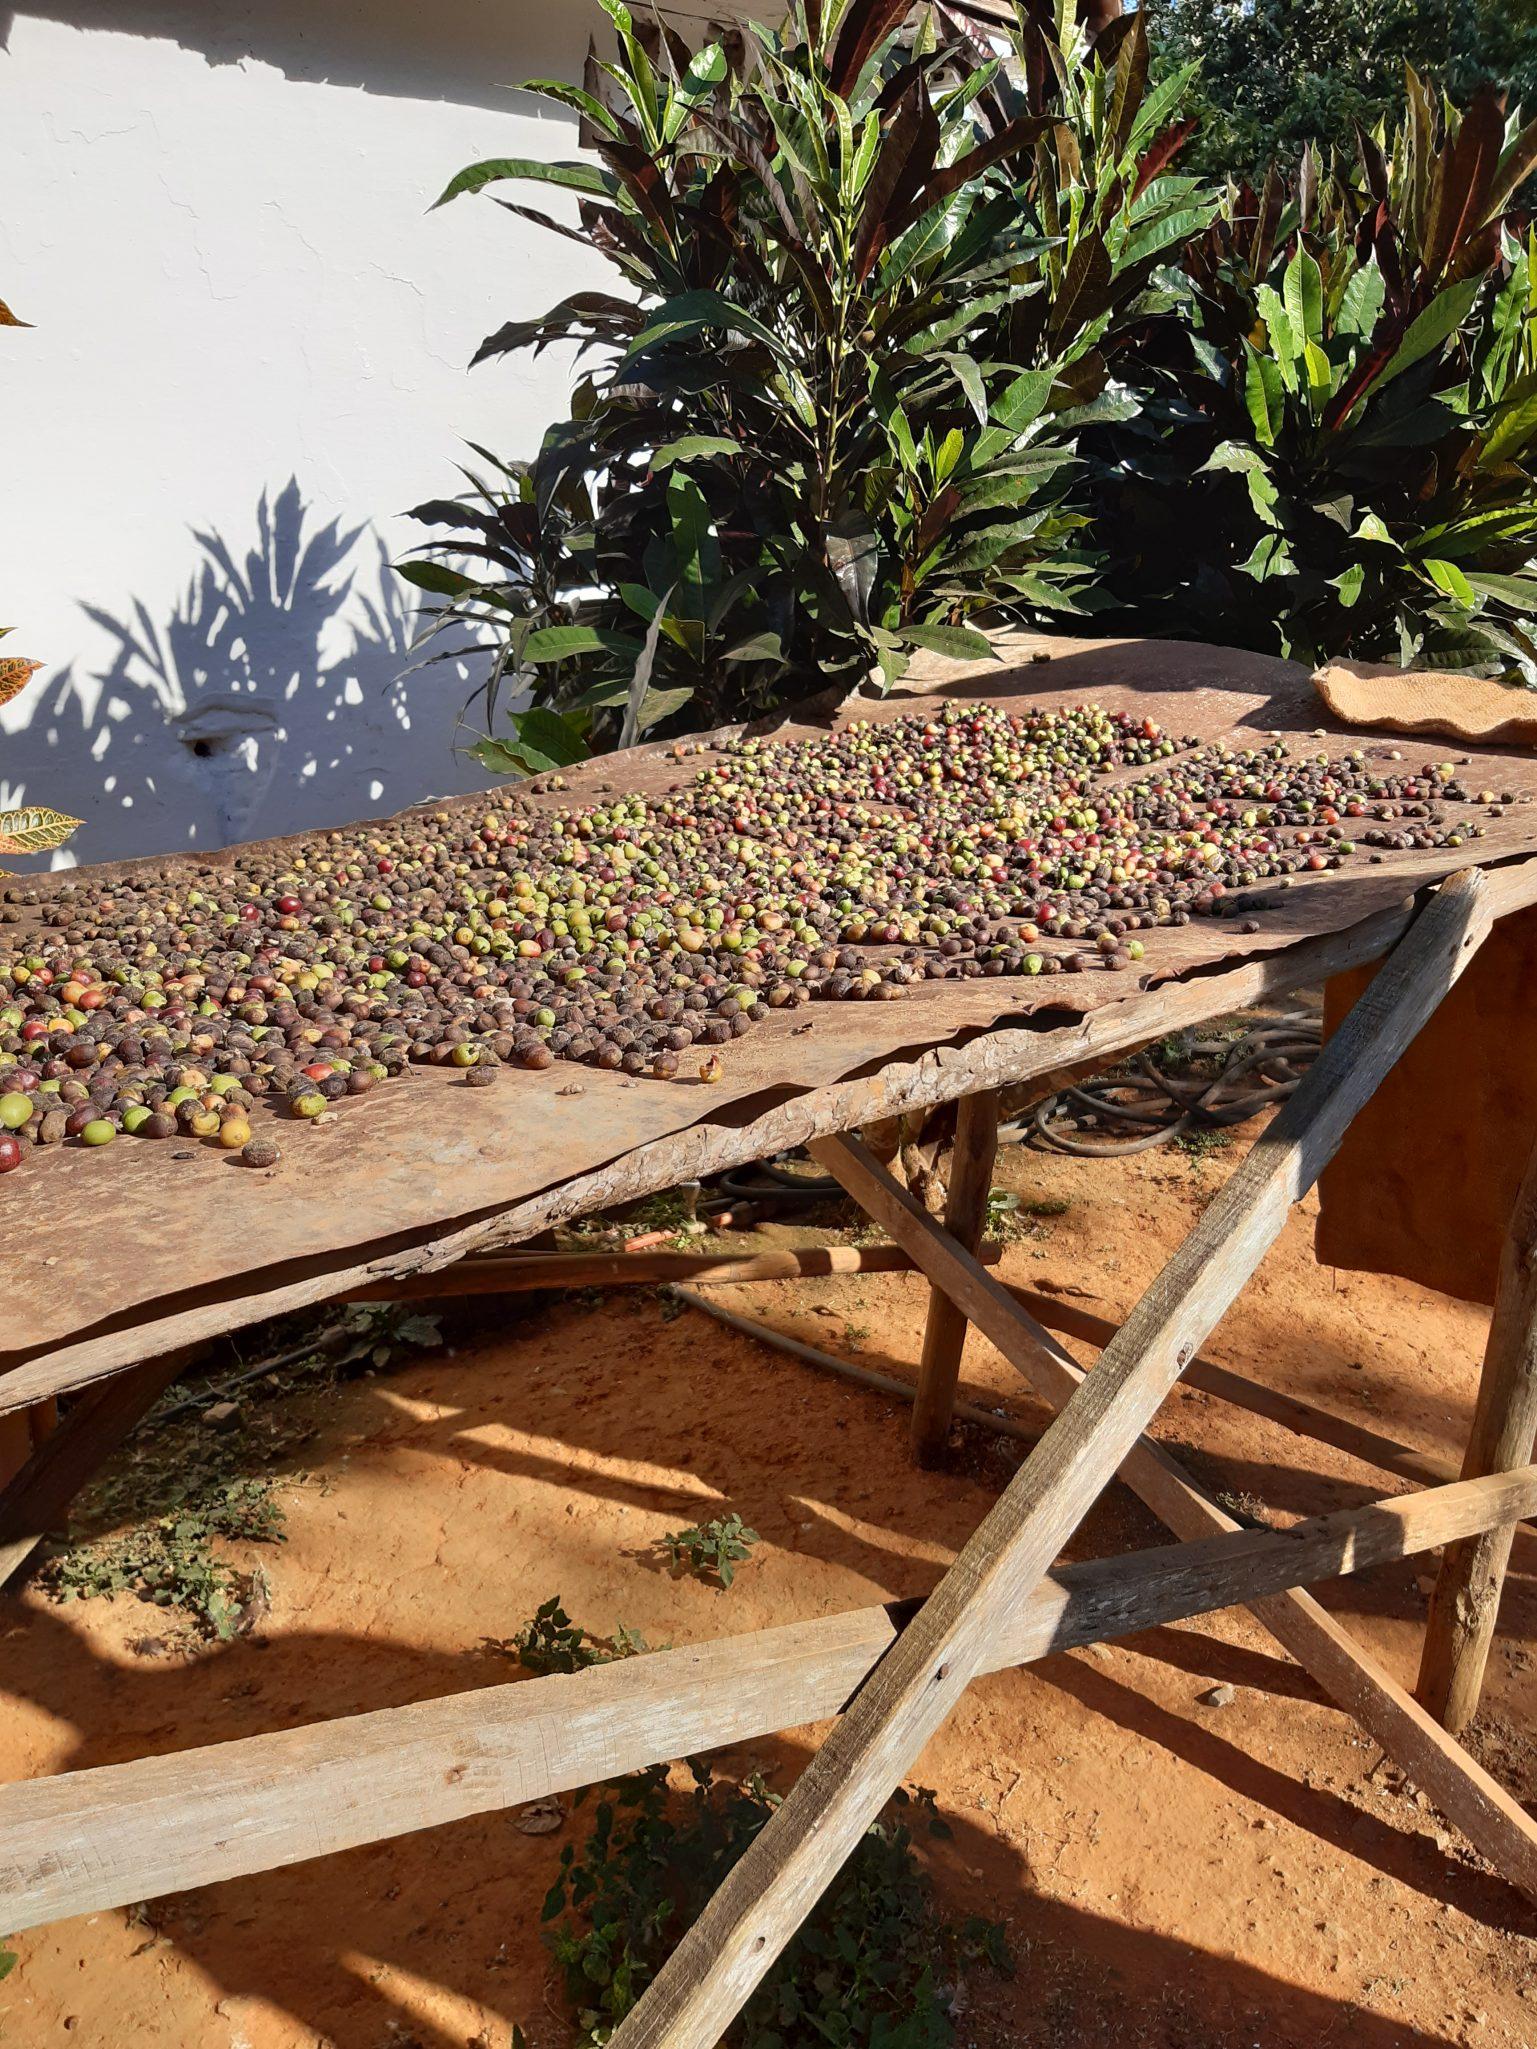 Tabakbauern Kaffeebohnen zum trocknen